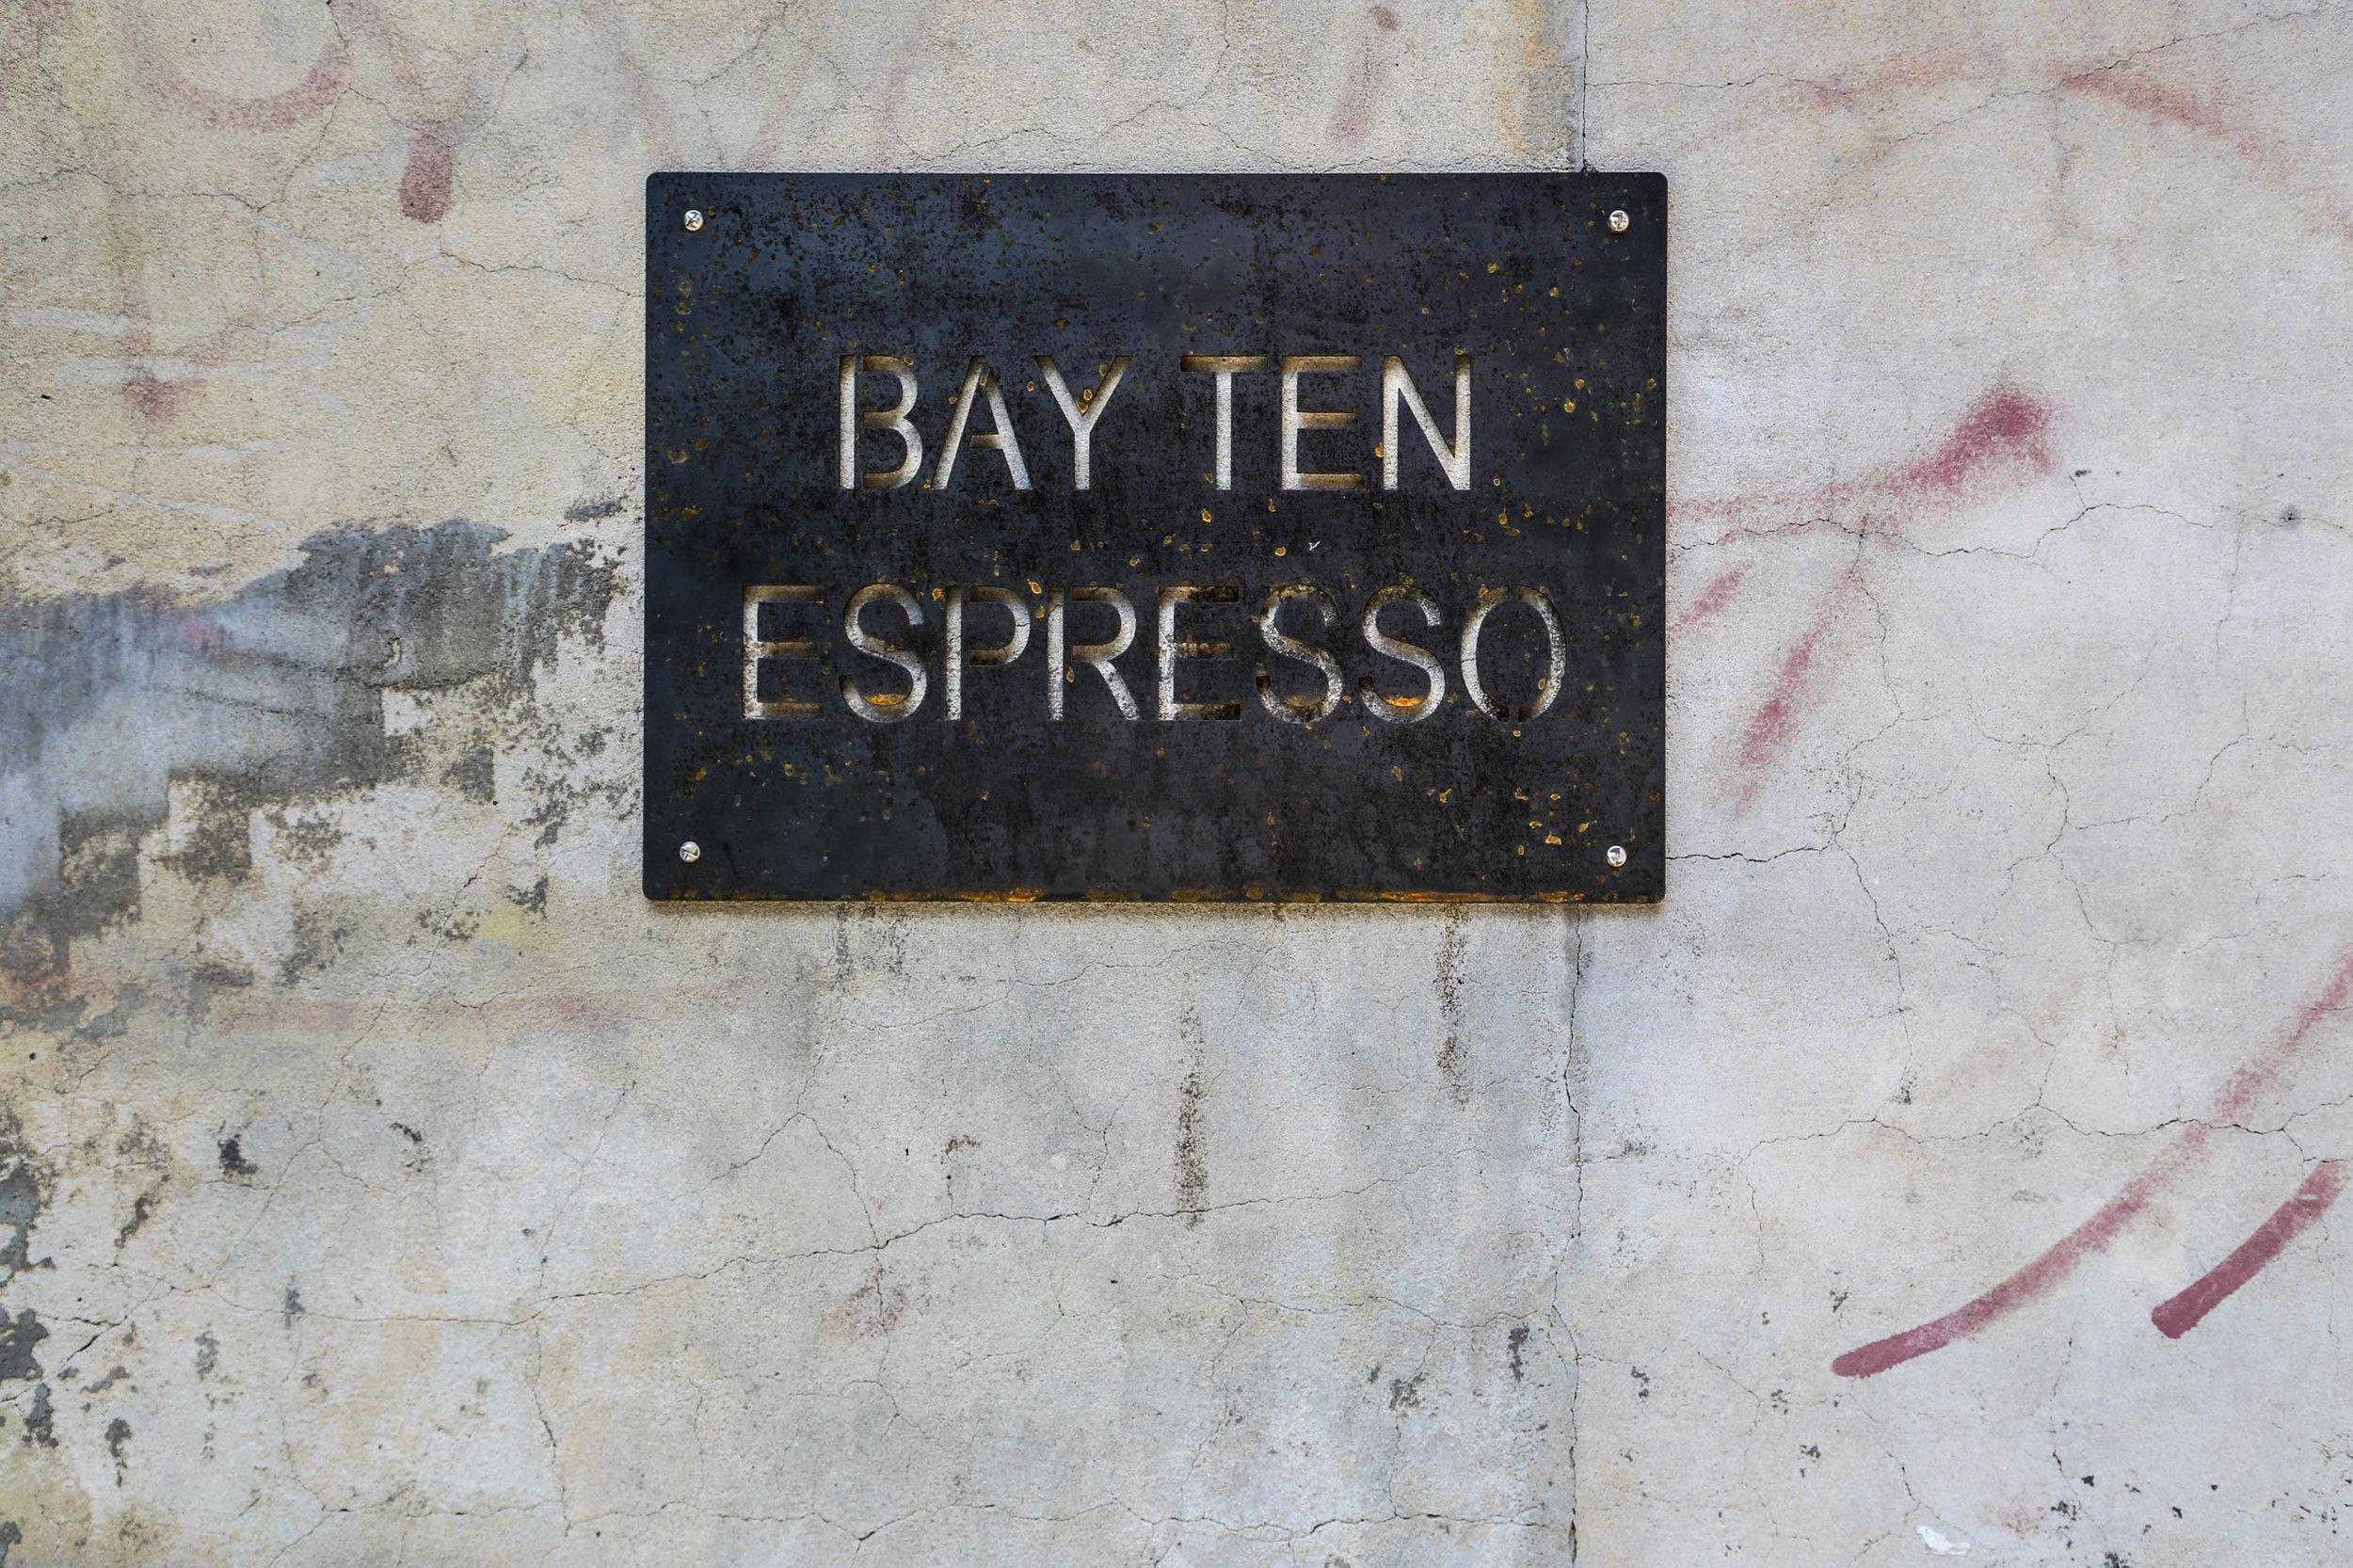 BAYTEN_ESPRESSO-16